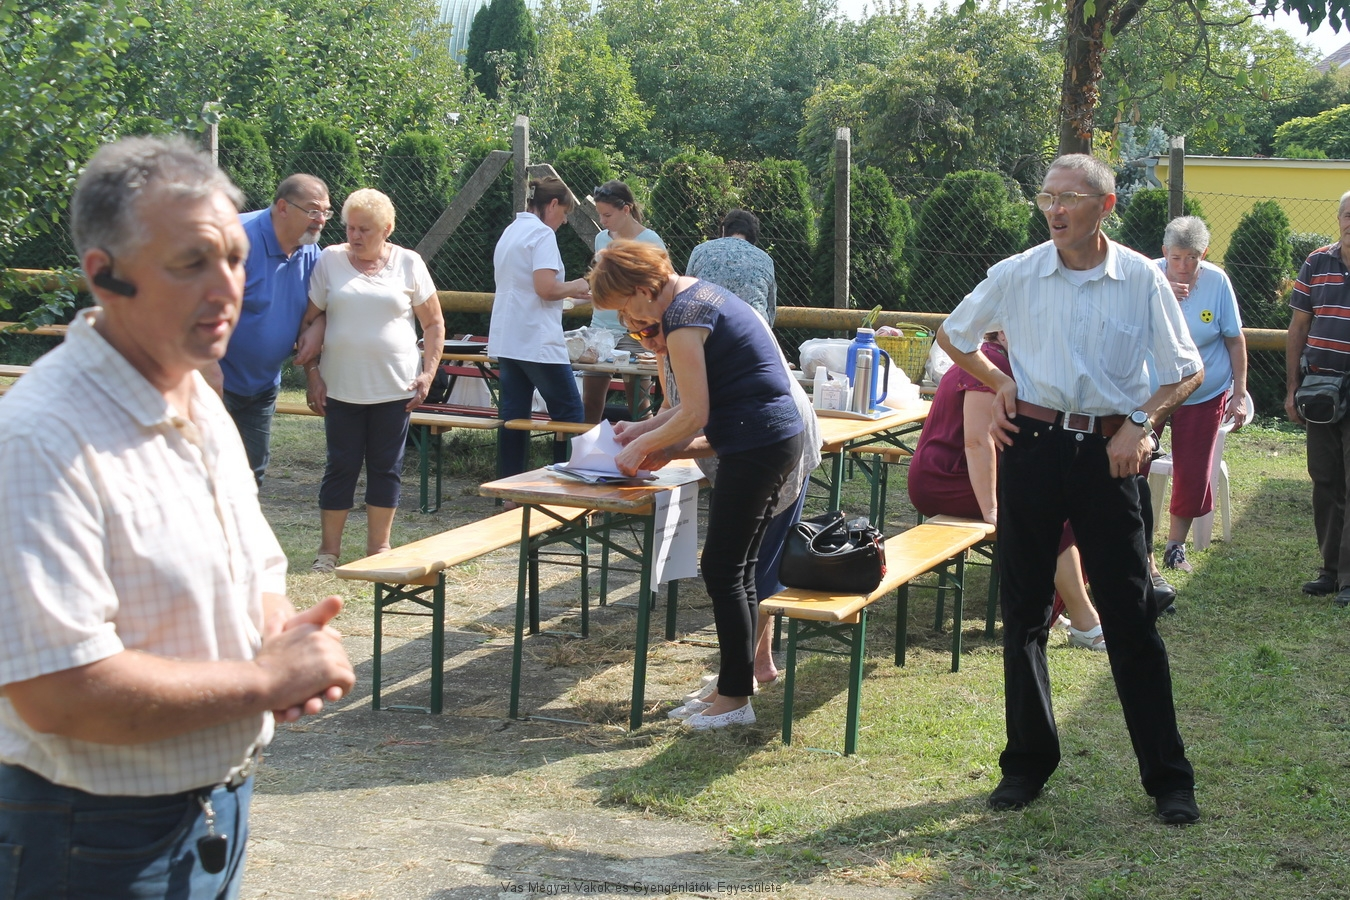 Bősze György elnök úr megnyitja a lengőteke bajnokságot. 3 csapat versenyzett: az Intézmény csapata, a mozgáskorlátozottak csapata és a VGYVE csapata volt a kihívó. A bajnokságot a SZMJV támogatta.